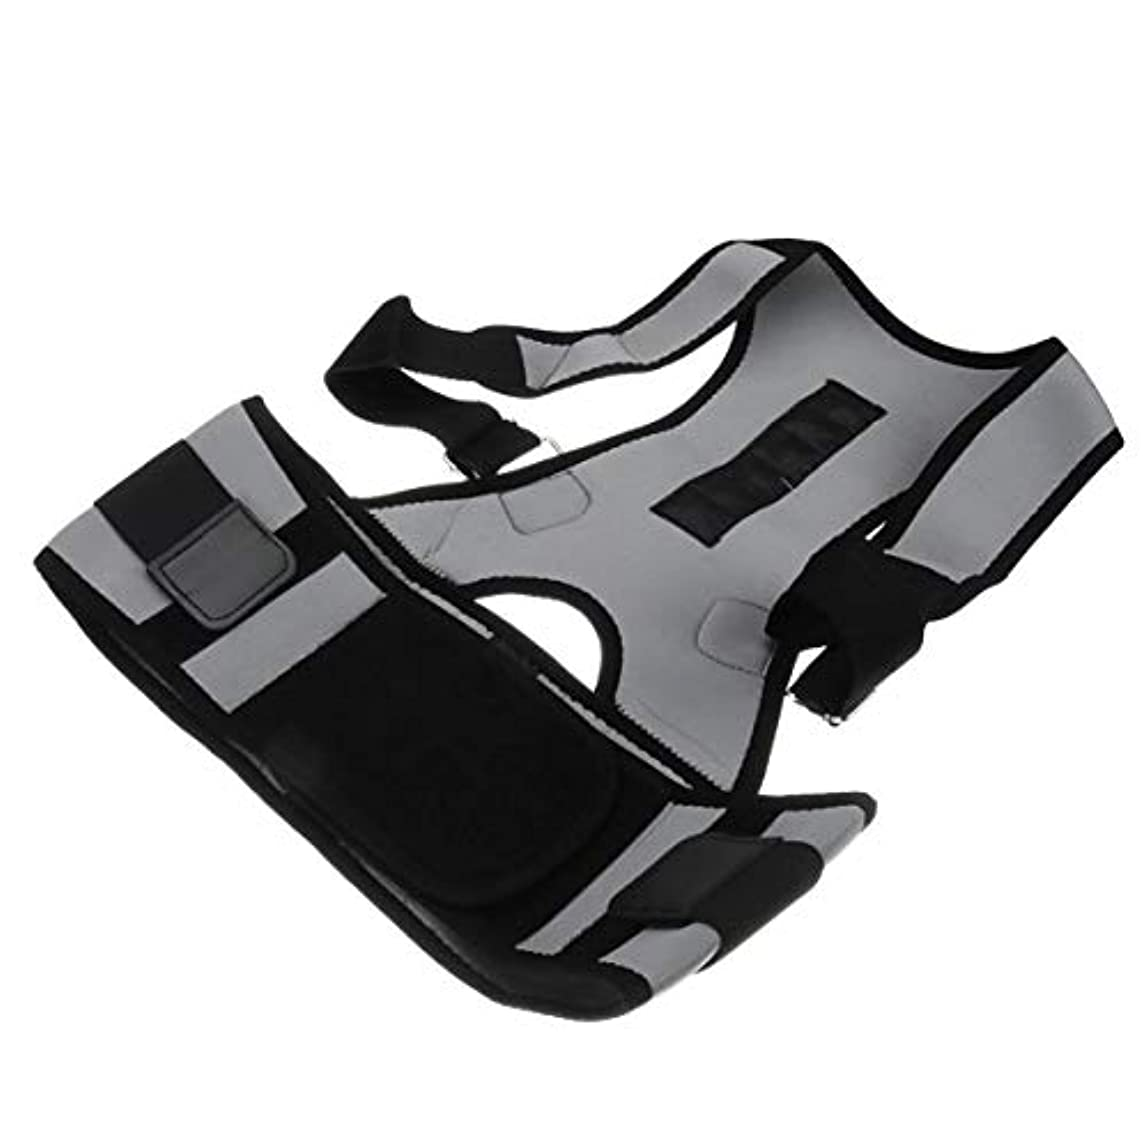 豚発明する売上高Intercorey姿勢矯正ベルト調節可能な姿勢矯正ユニセックスバックサポートショルダーランバーブレースベルト